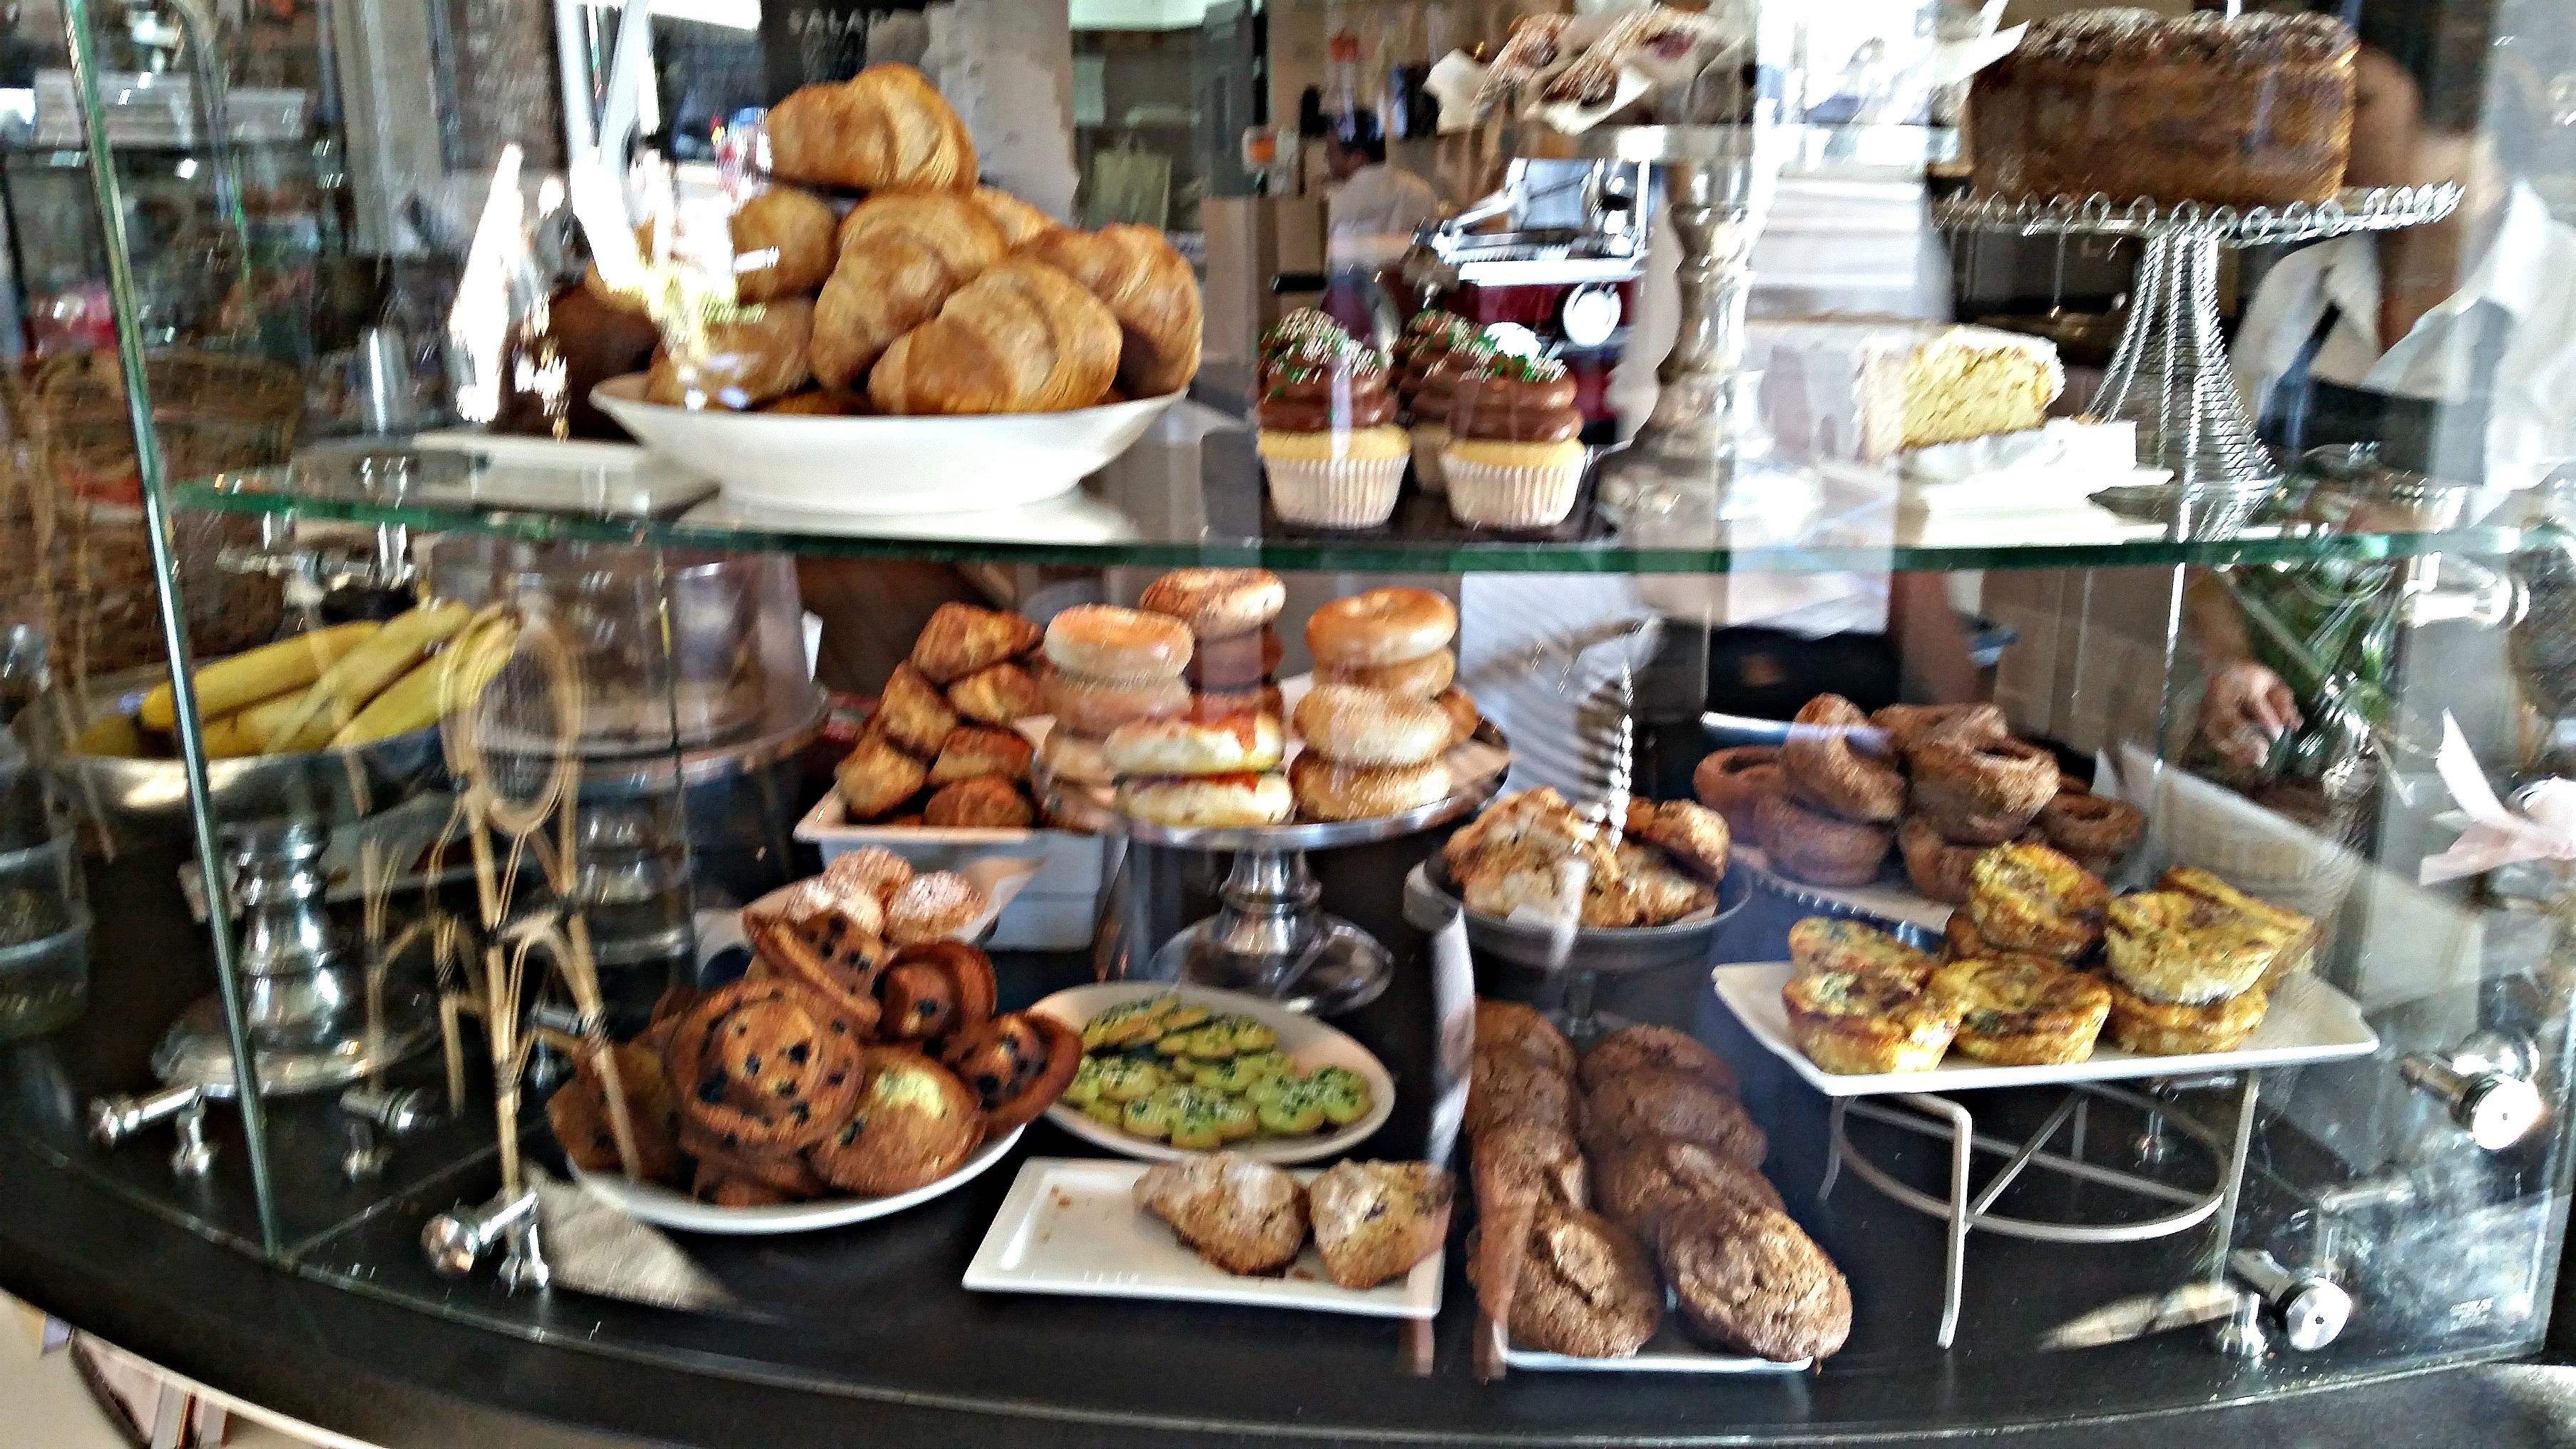 A Market Pastries